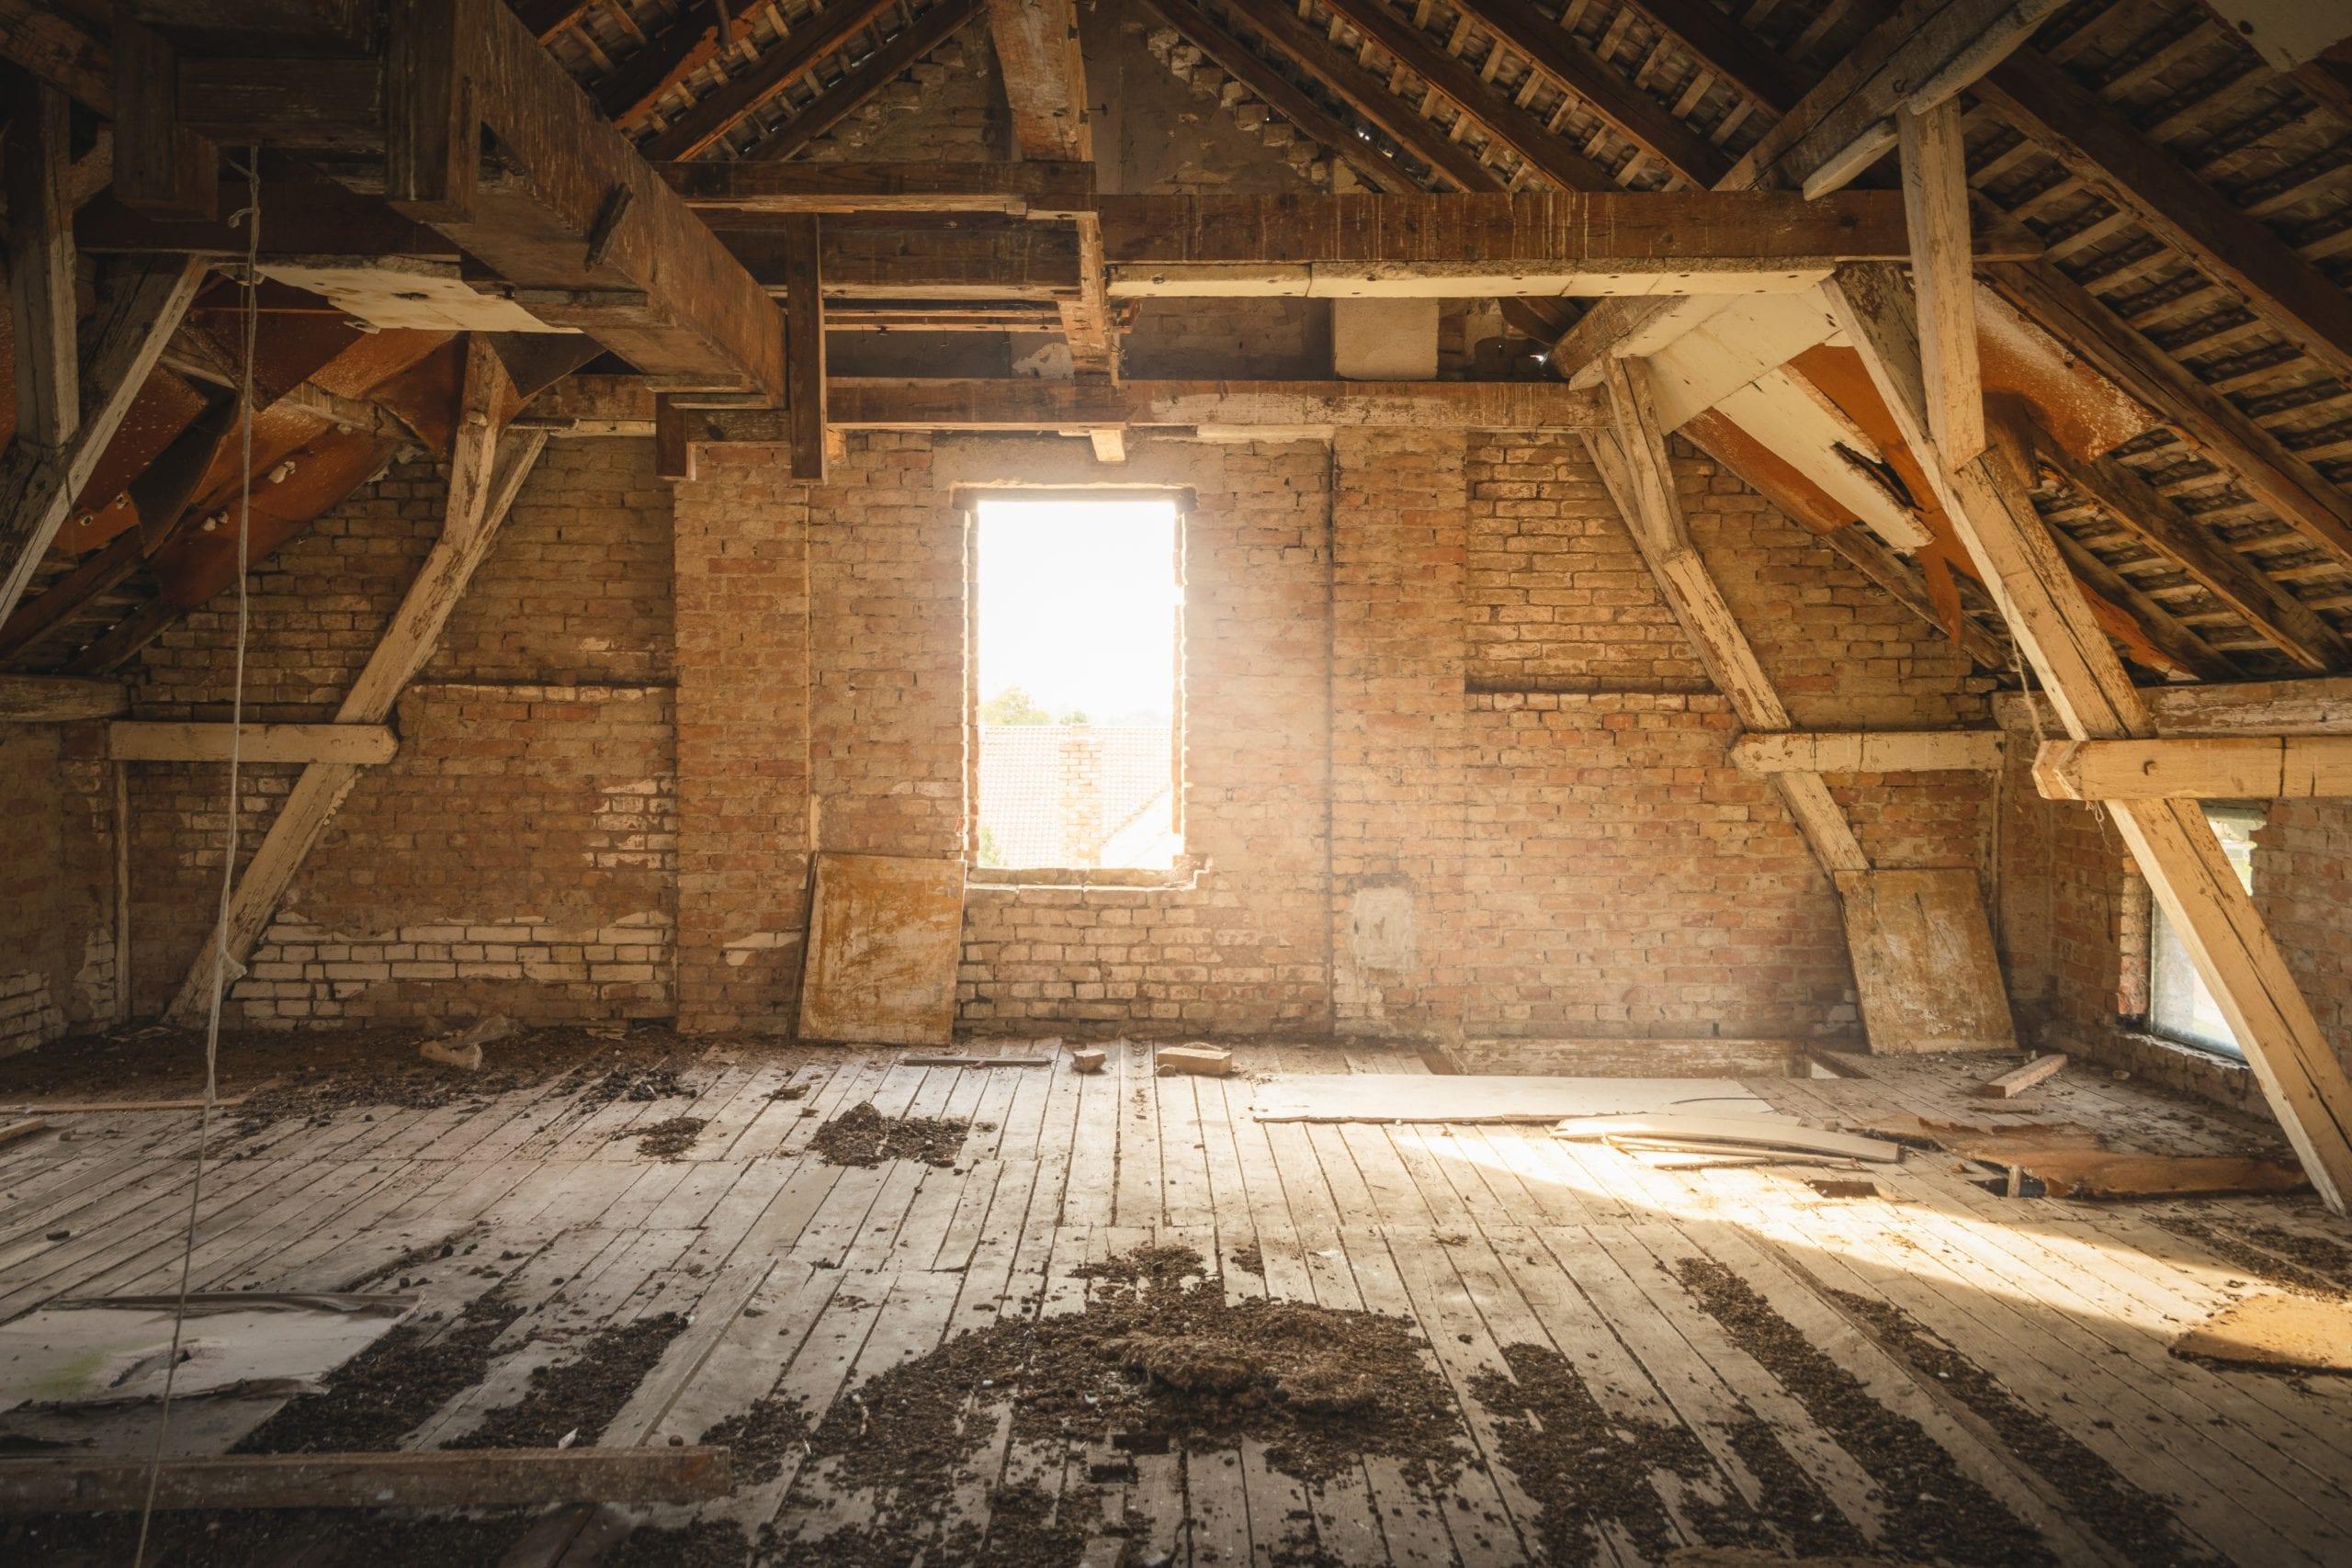 Renovierungsbedürftiger Dachboden mit Fenster, durch das Sonnenlicht hereinfällt